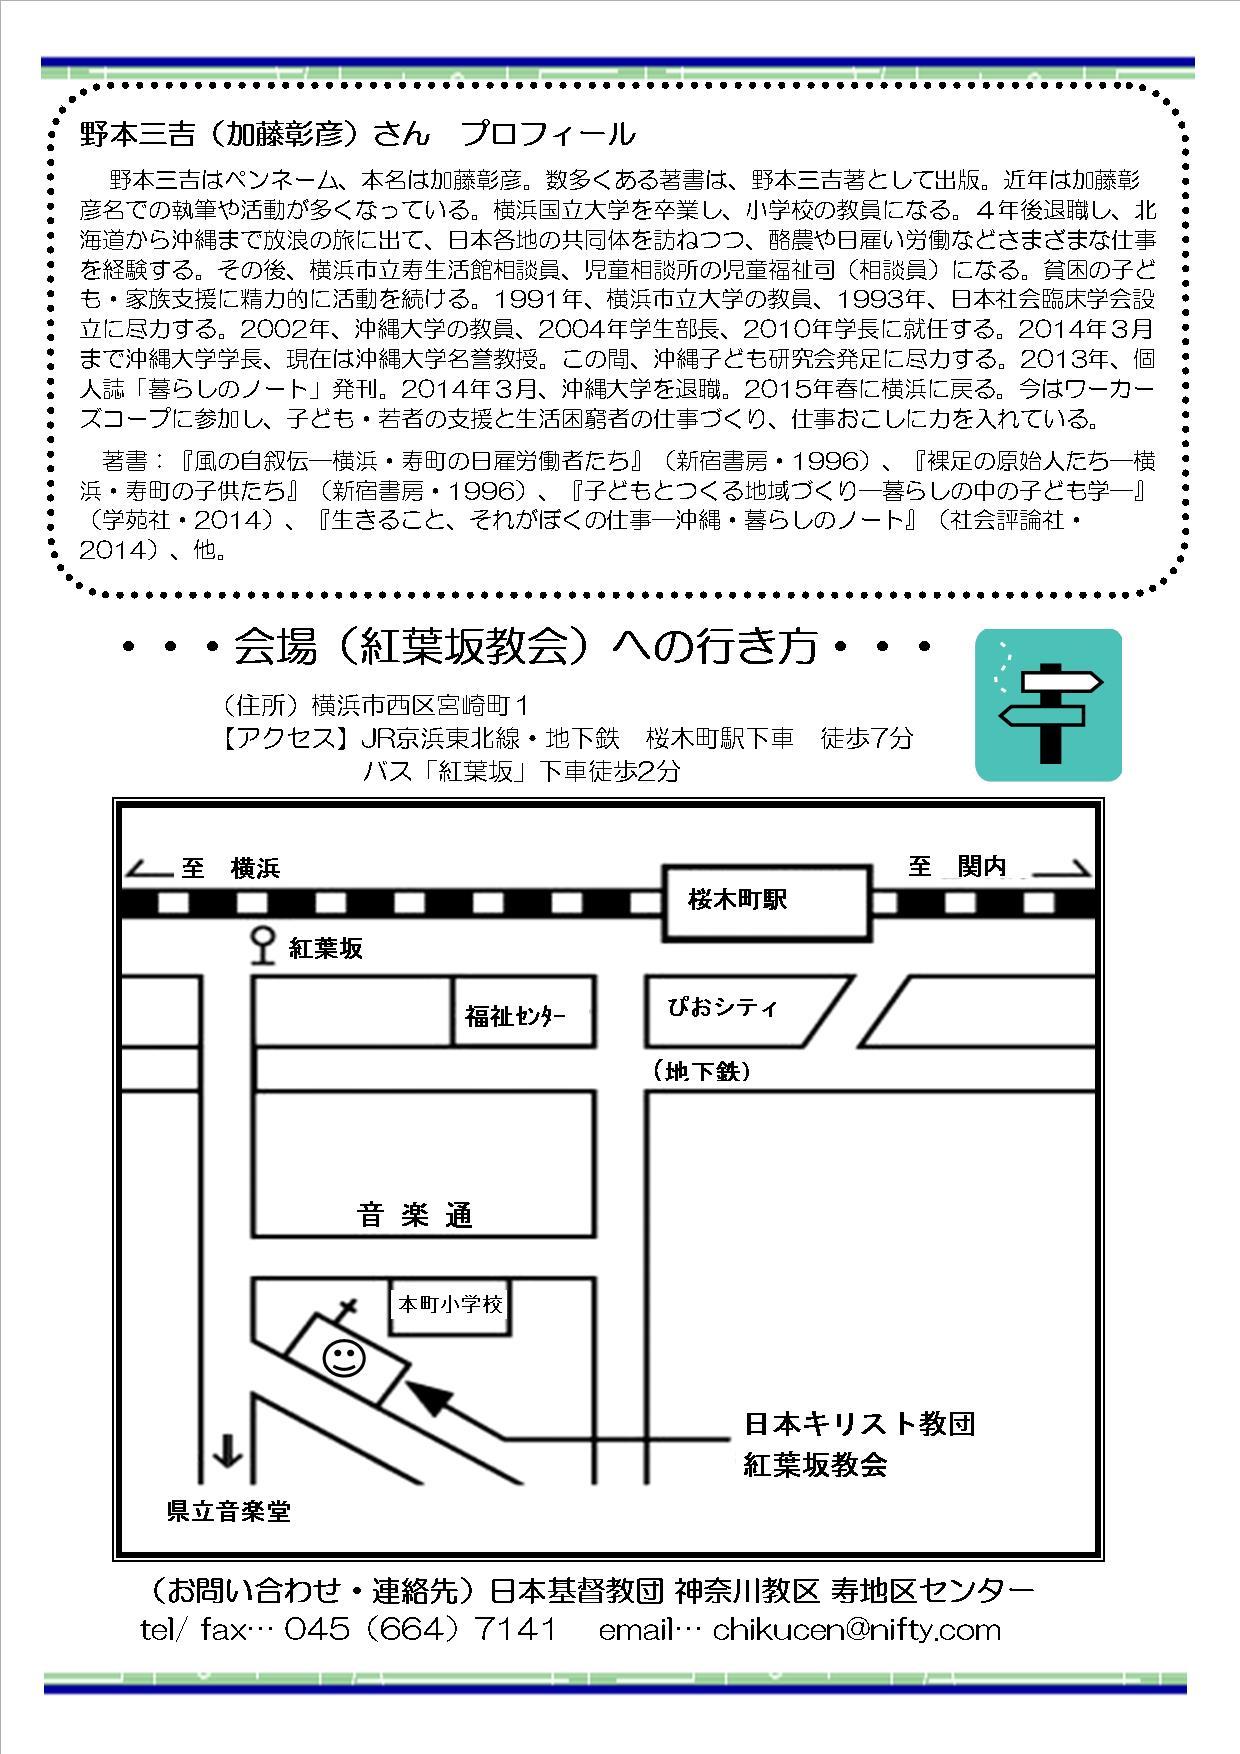 2015講演会チラシ_04-02